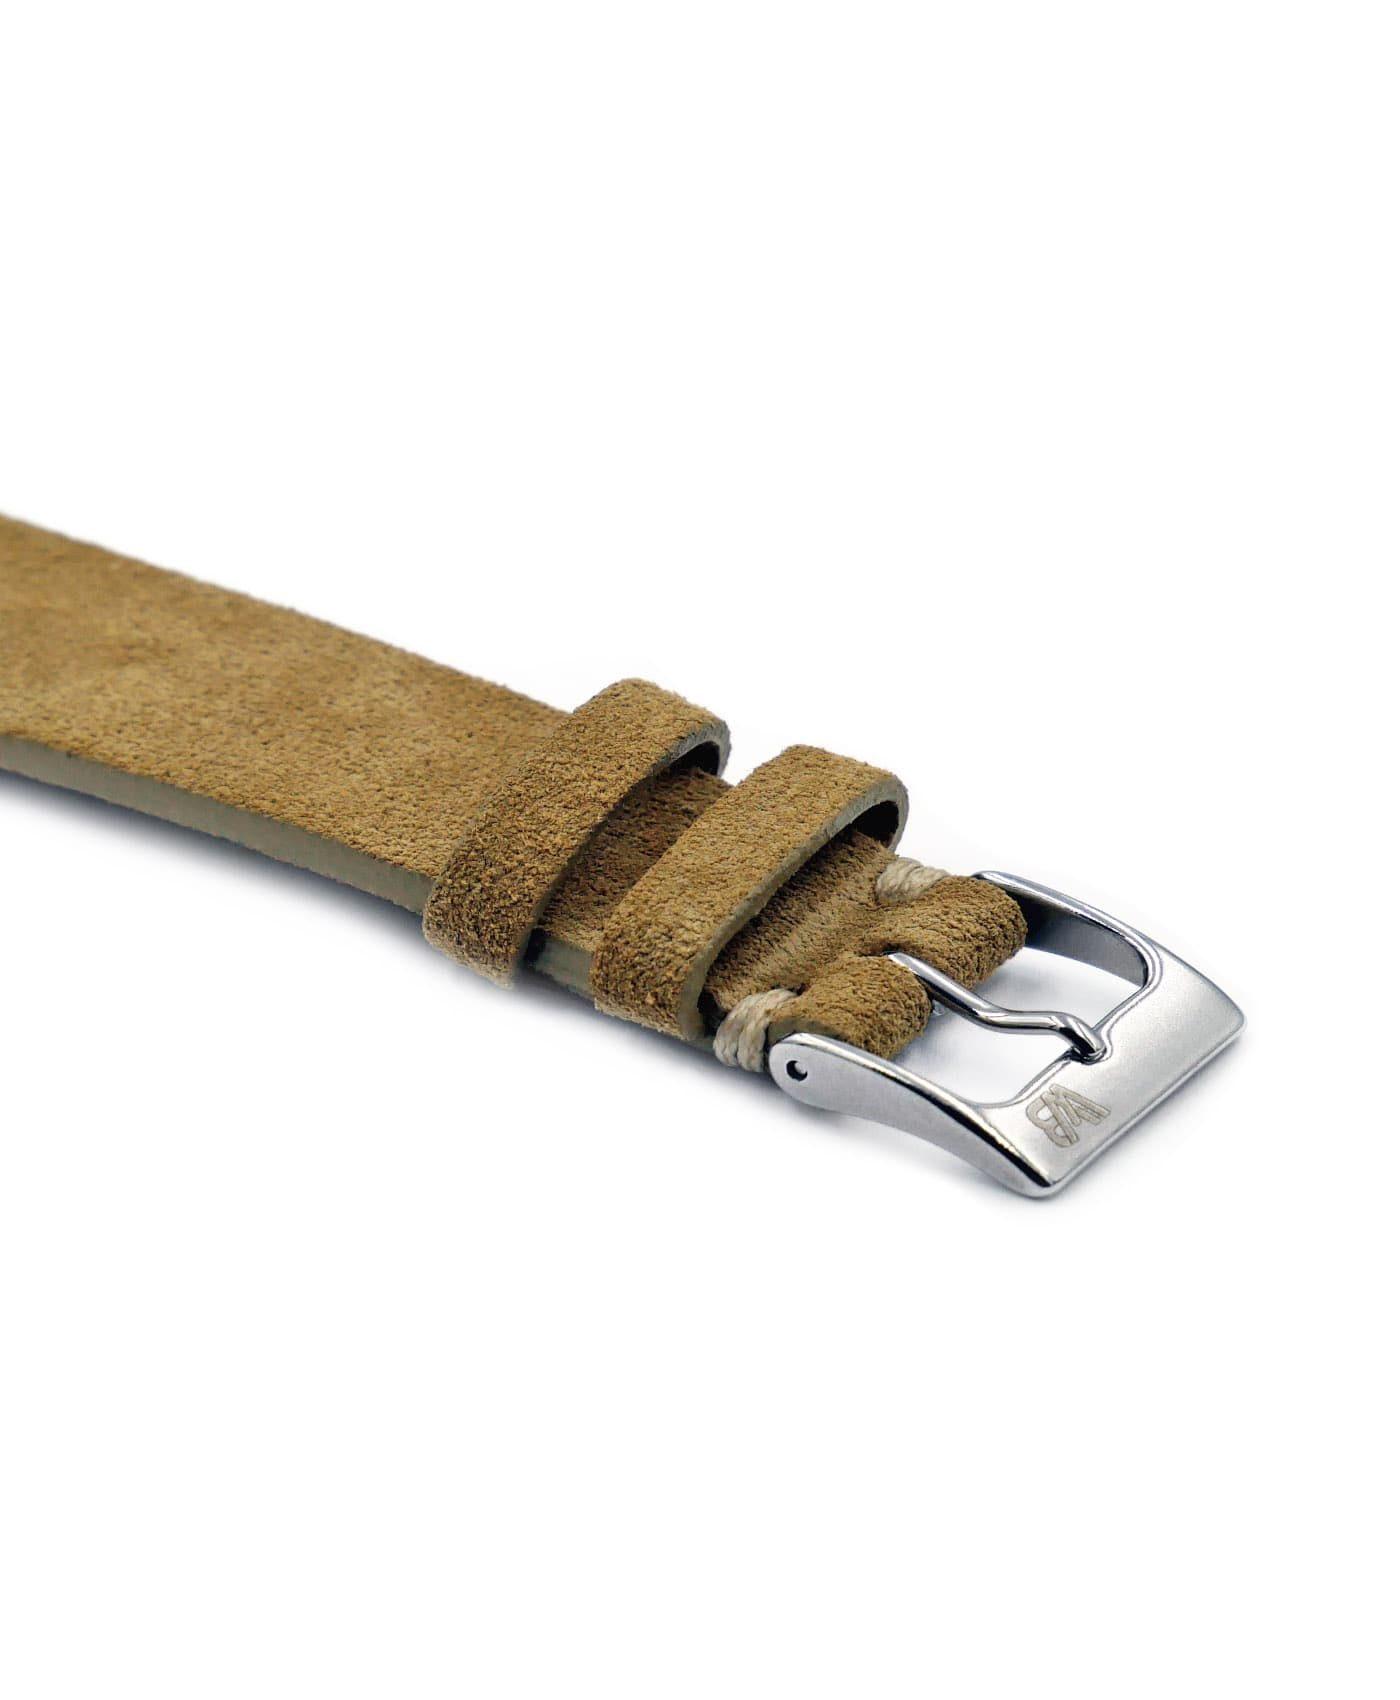 WB original premium suede watch strap beige side buckle